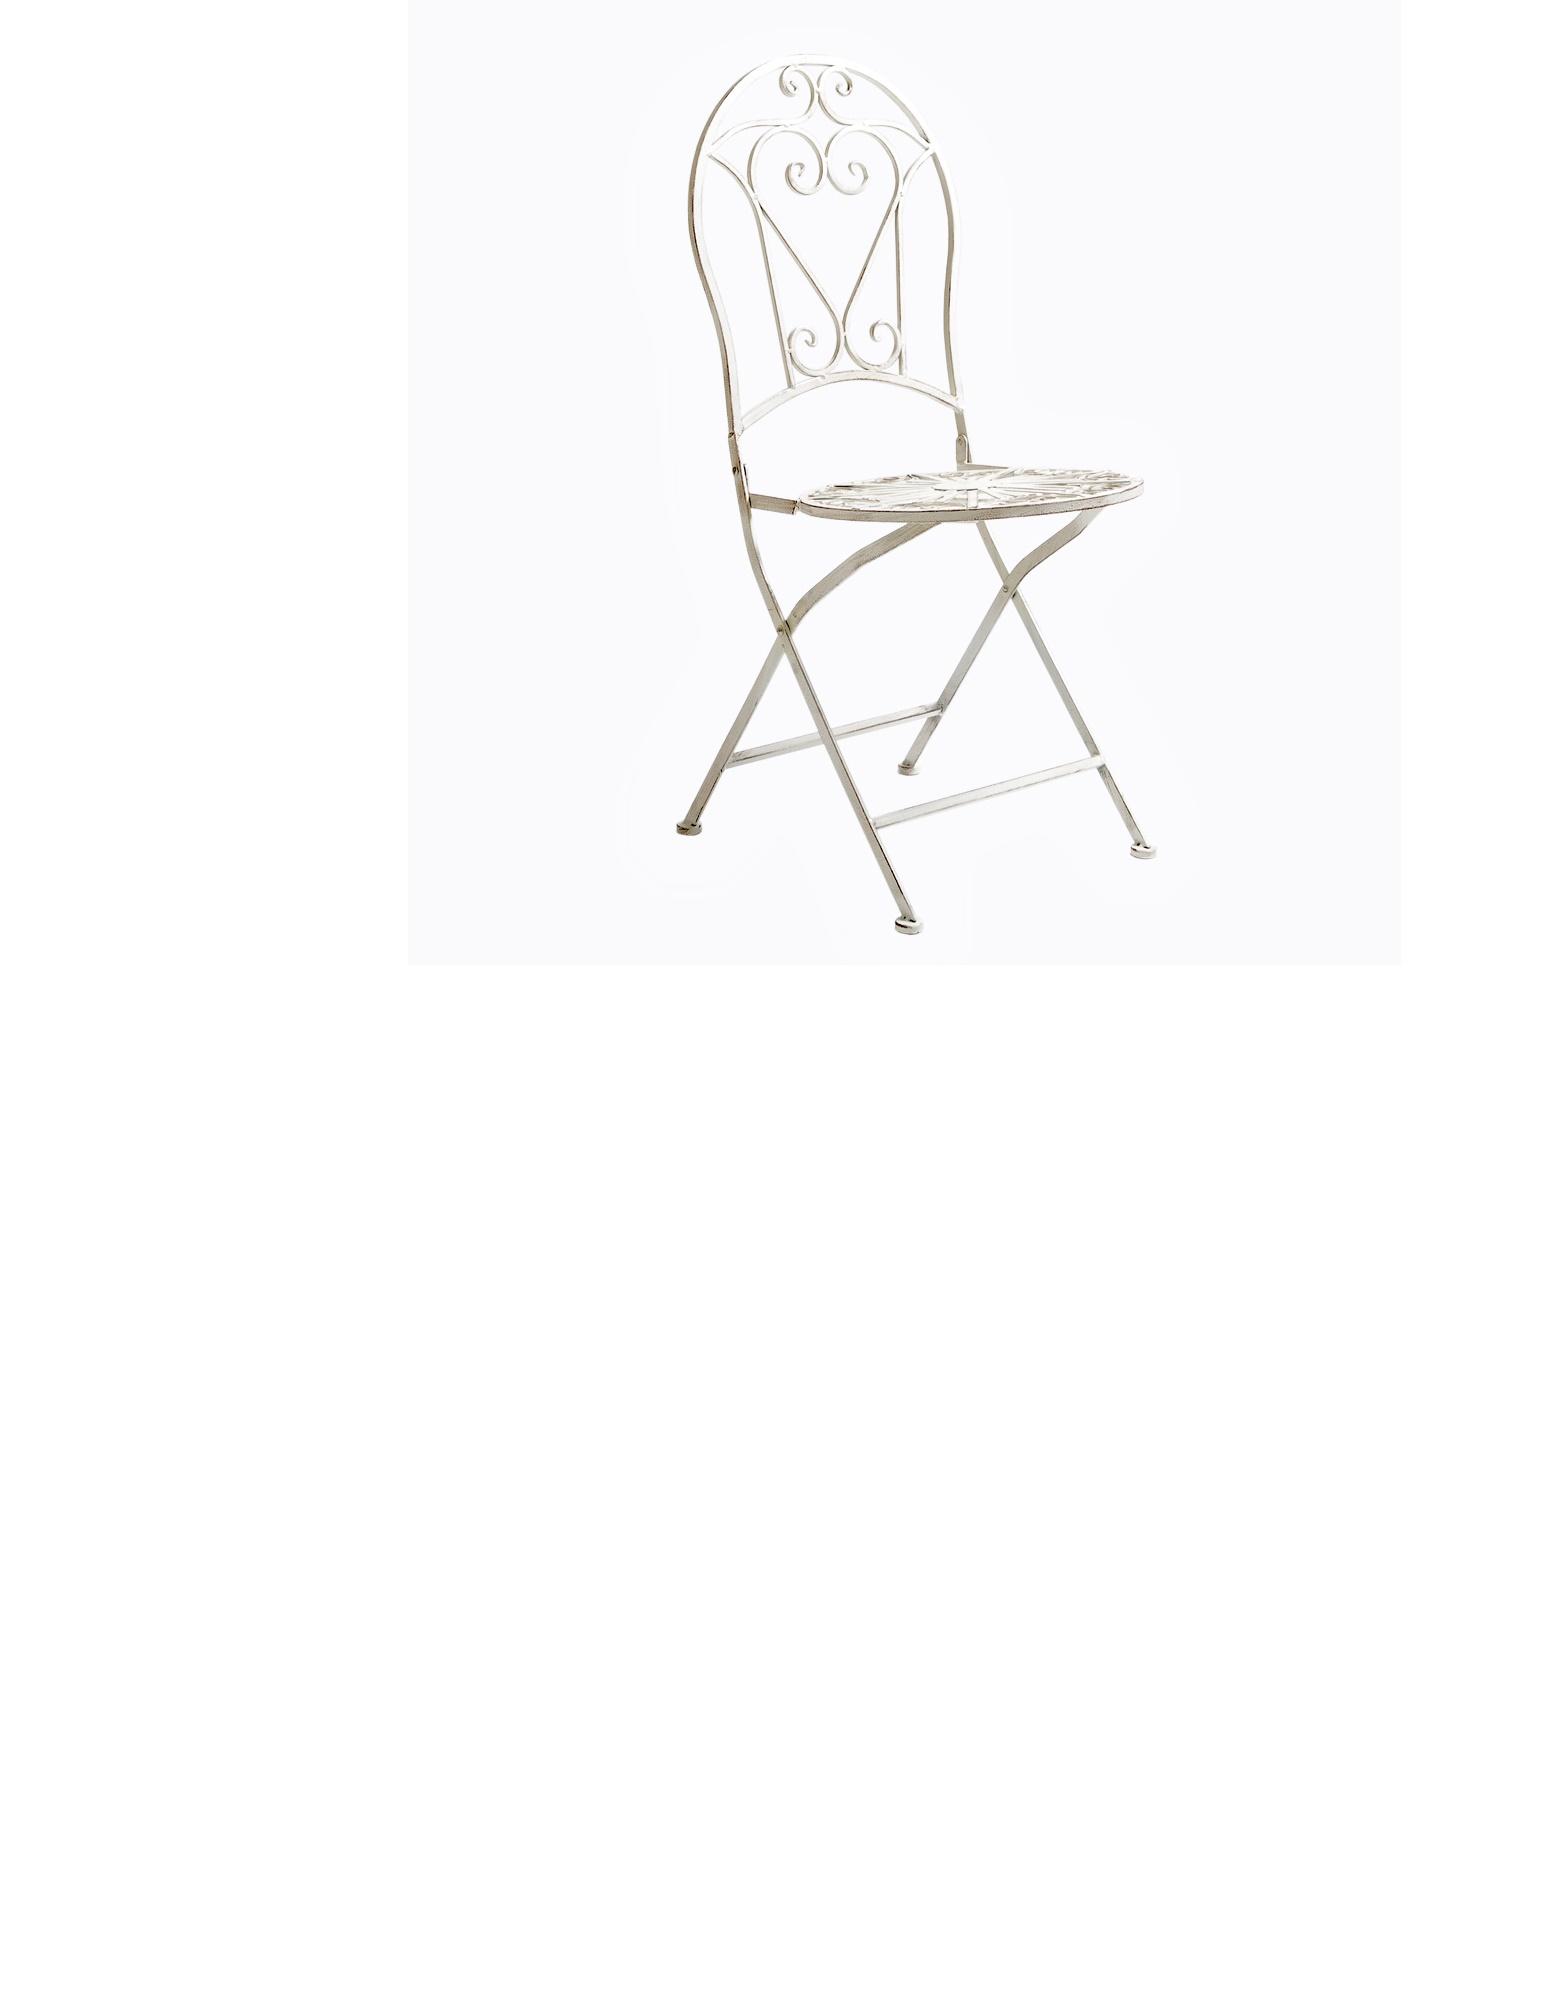 Складной круглый стул «Тюильри» (белый антик)Обеденные стулья<br>Романтичный рисунок из завитков на складных стульях «Тюильри» будет изысканным украшением и дополнением любого интерьера. В каждом изгибе металлических элементов&amp;amp;nbsp; чувствуется дыхание провинциальной Франции. Абсолютно универсальный белый цвет гармонично сочетается с любыми цветовыми оттенками, он многогранен, ему под силу сыграть как главную, так и вспомогательную роль. Мебель изготовлена из материала, устойчивого к переменам климата и воздействию ультрафиолетовых лучей, поэтому можно без опаски оставлять мебель под открытым небом, и даже под дождем. &amp;lt;br&amp;gt;Поставляется в сложенном виде.&amp;lt;br&amp;gt;&amp;amp;nbsp;Размер: 92?39?48 см&amp;lt;br&amp;gt;Вес 5 кг<br><br>Material: Железо<br>Width см: 39<br>Depth см: 48<br>Height см: 92